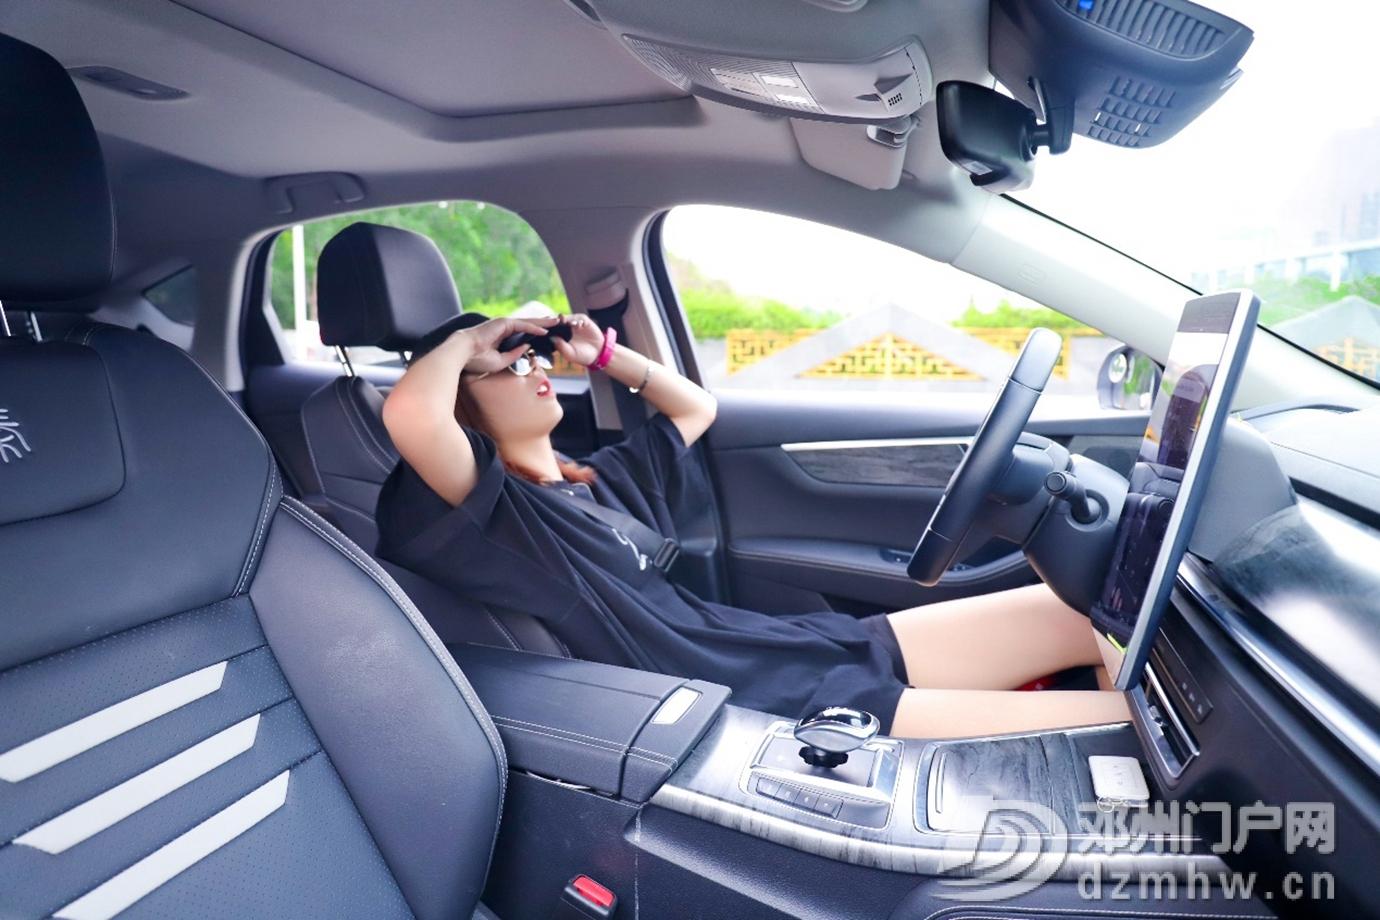 秦Pro DM车主的嘻哈生活 - 邓州门户网|邓州网 - a23.jpg